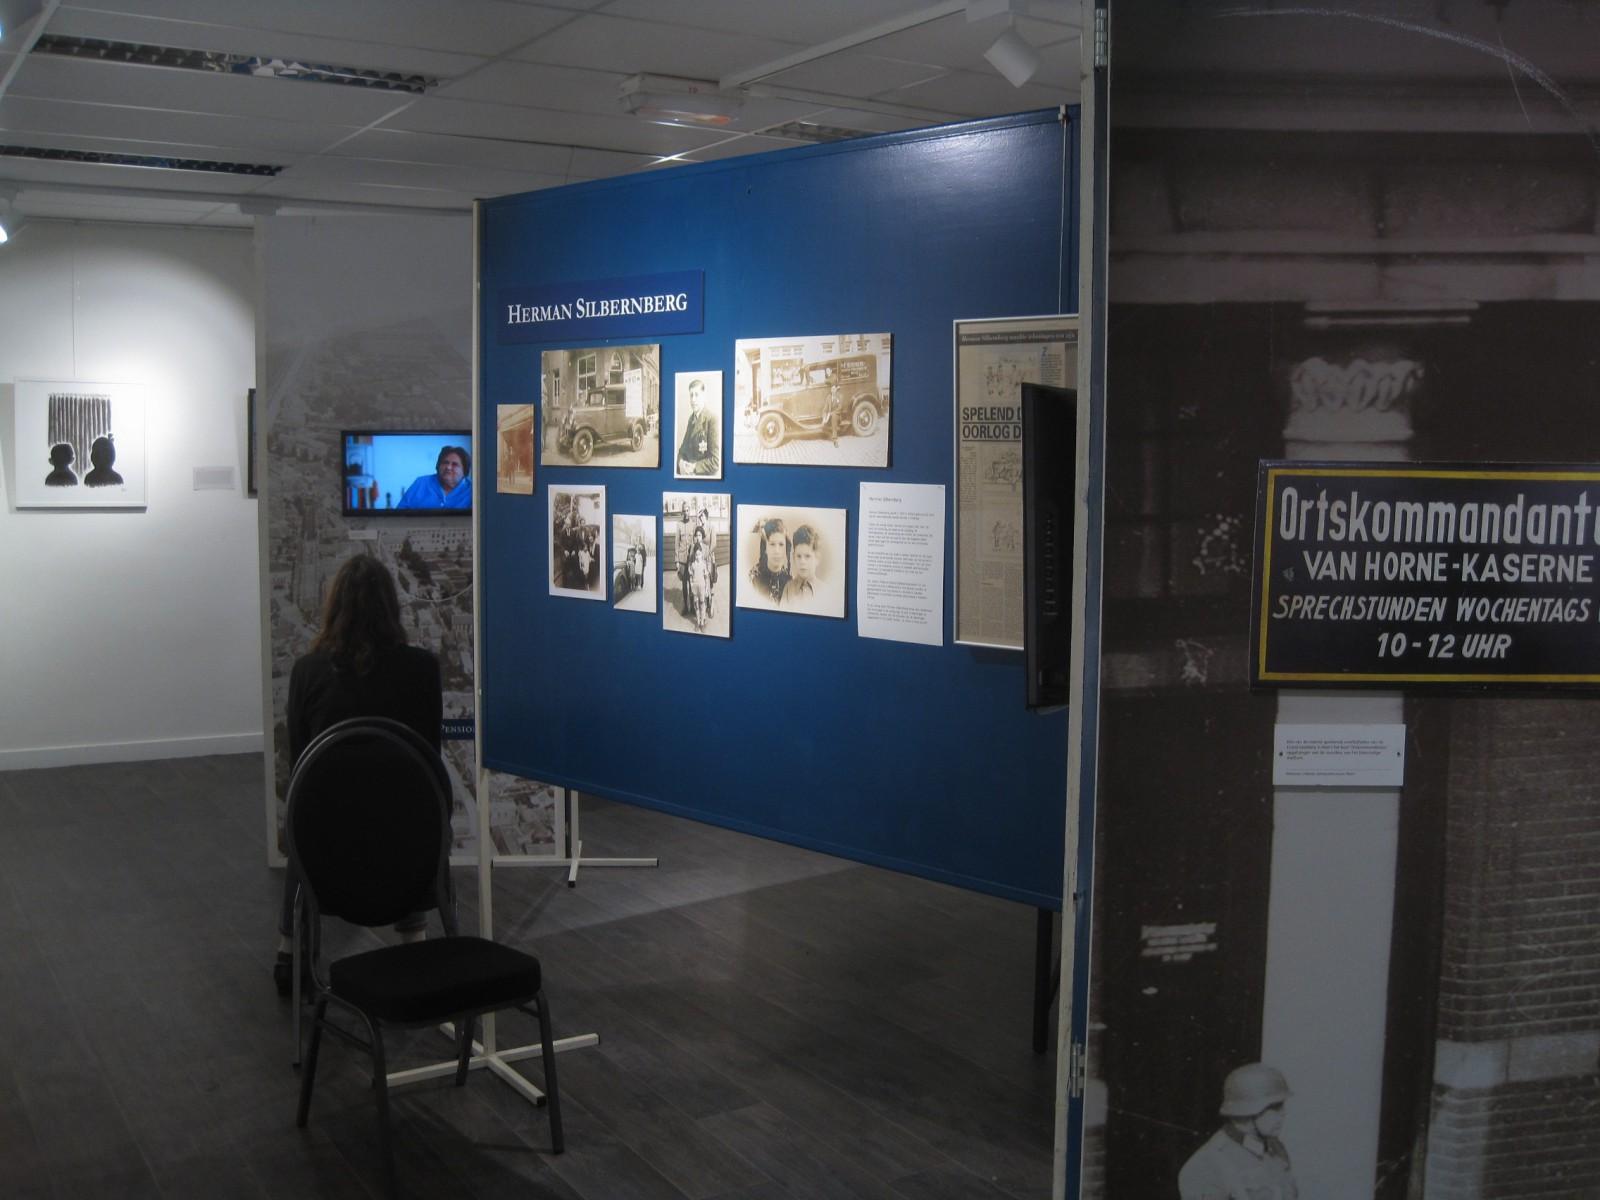 Joodse onderduikkinderen in Limburg